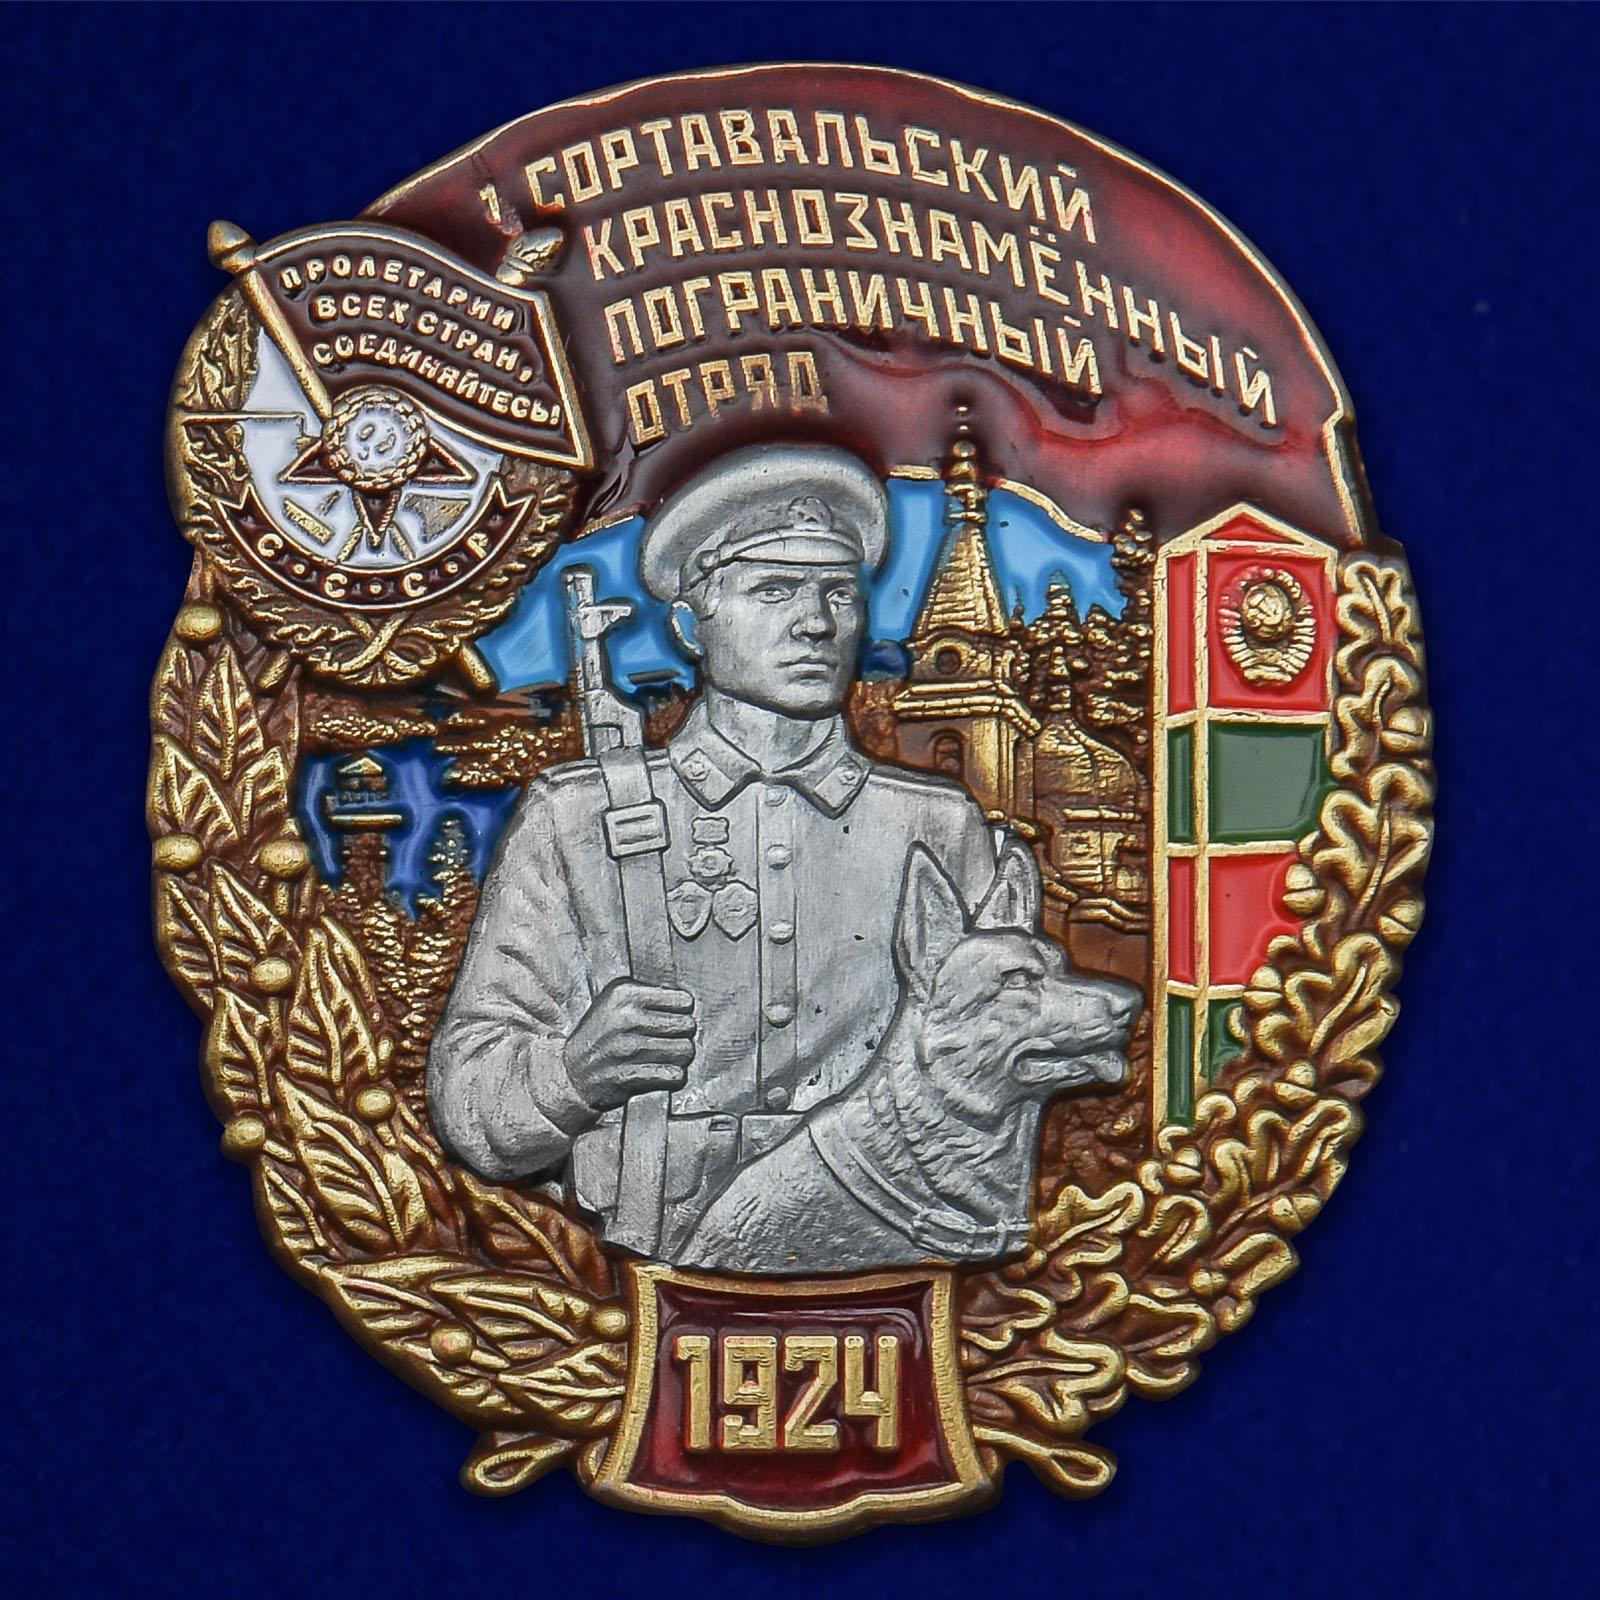 Знак 1 Сортавальский Краснознамённый Пограничный отряд